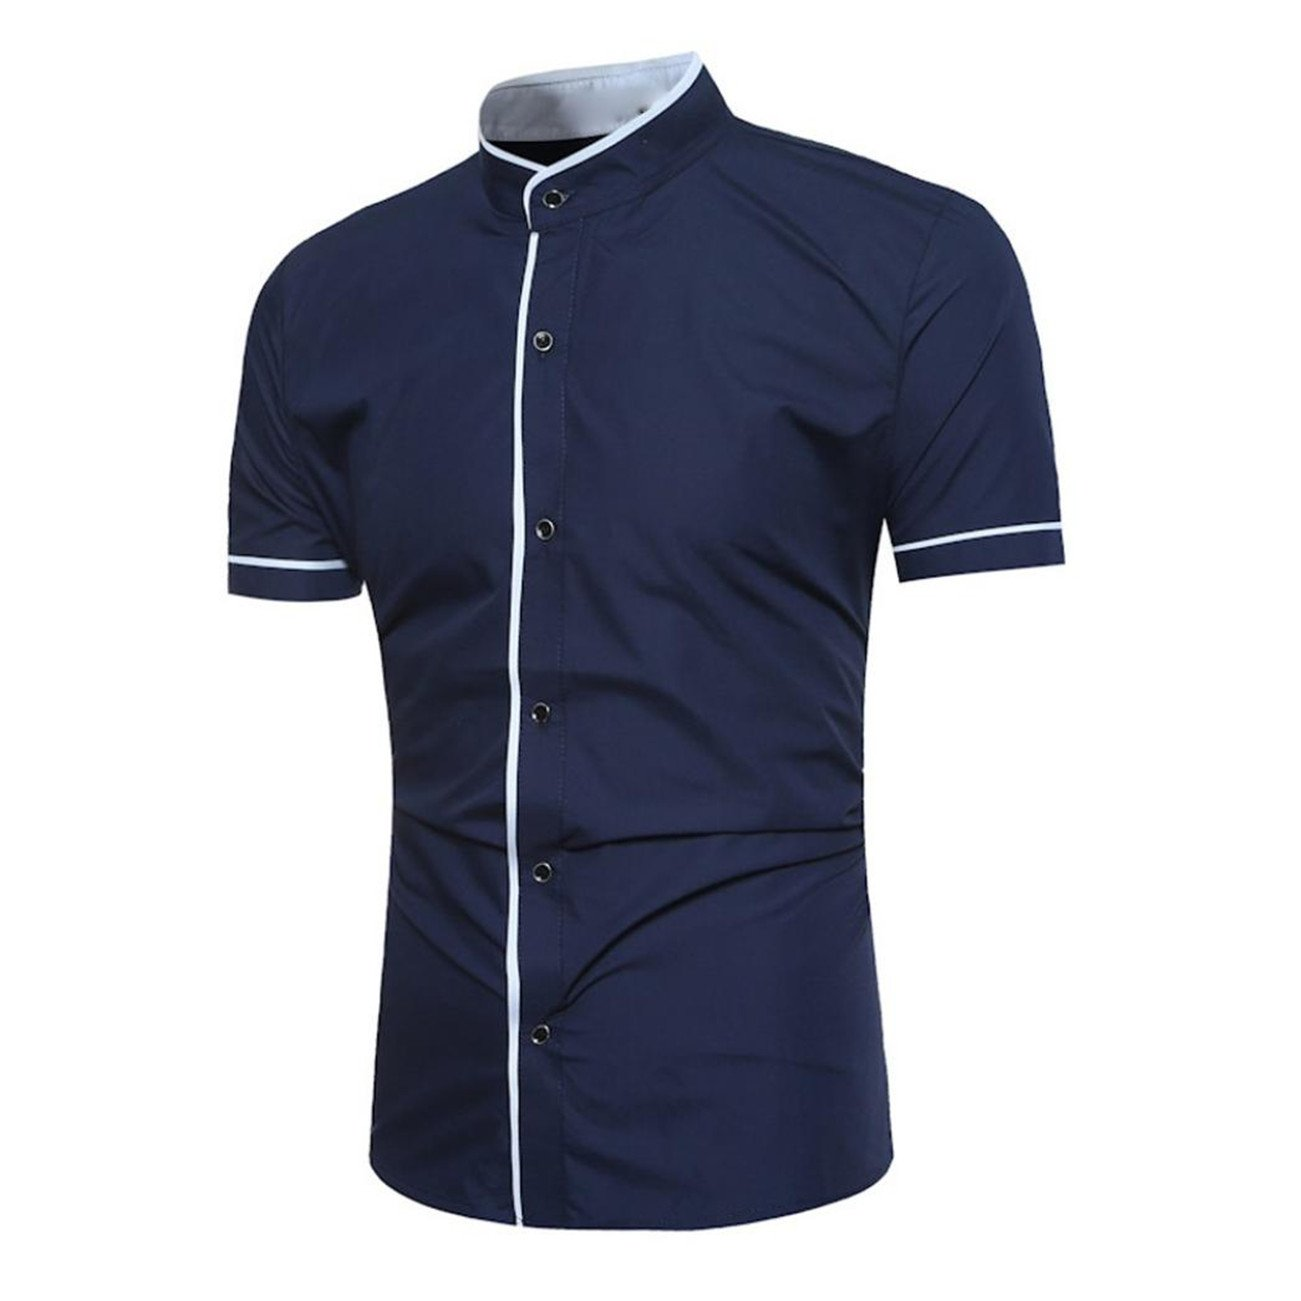 Chemises Homme Chemises Bureau Chemises BoutonnéEs T-Shirt à Manches Courtes à Manches Courtes pour Hommes HCFKJ - MS